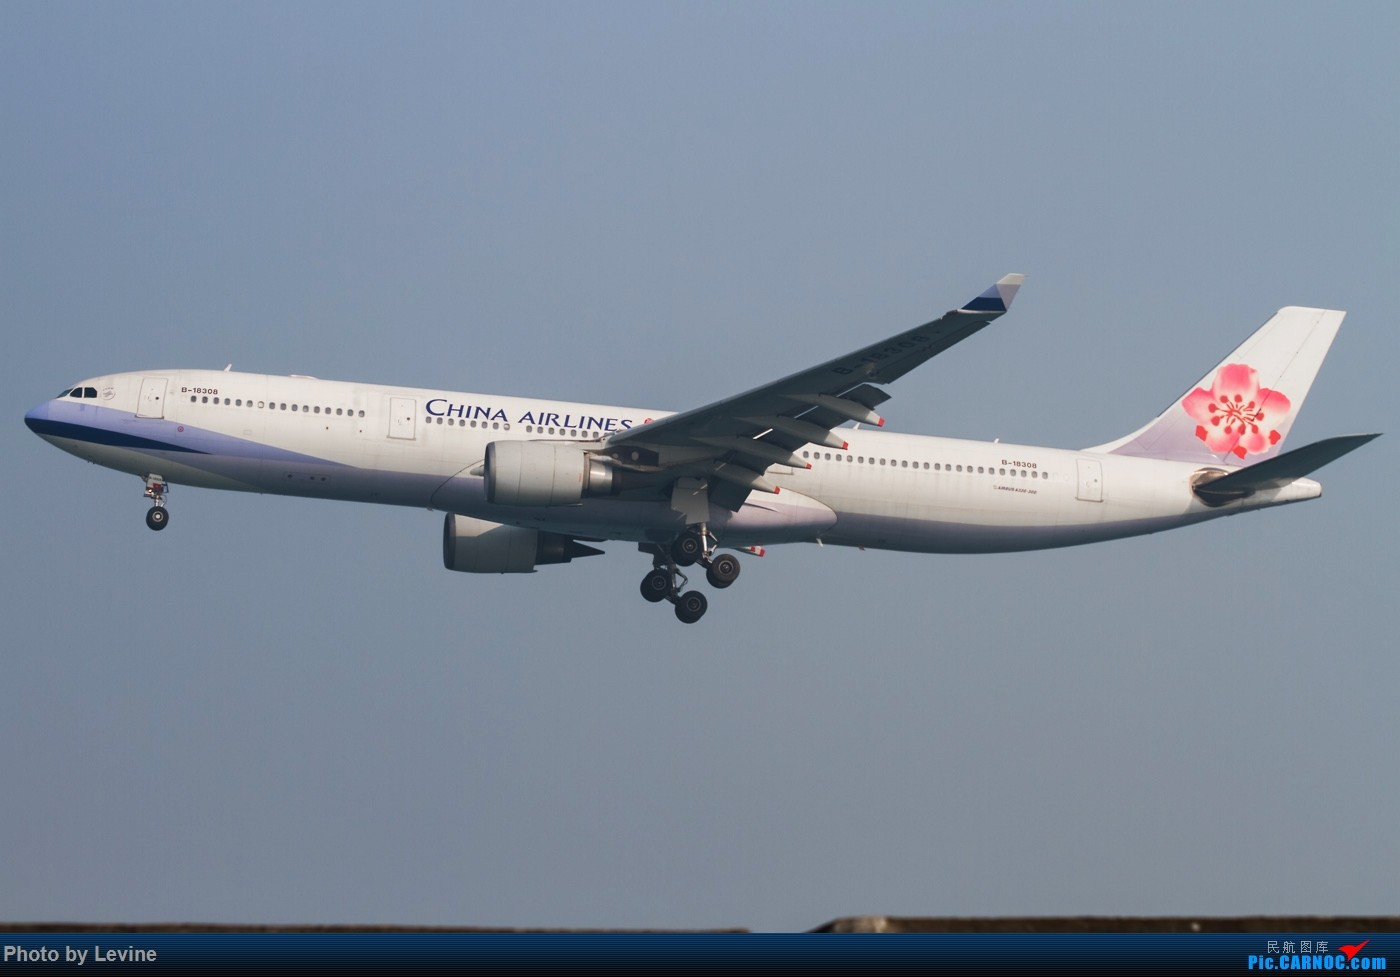 Re:[原创]◇ ■ ◇ ■ ◇ ■难得去一次香港却遇到大烂天◇ ■ ◇ ■ ◇ ■ AIRBUS A330-300 B-18308 中国香港赤鱲角国际机场